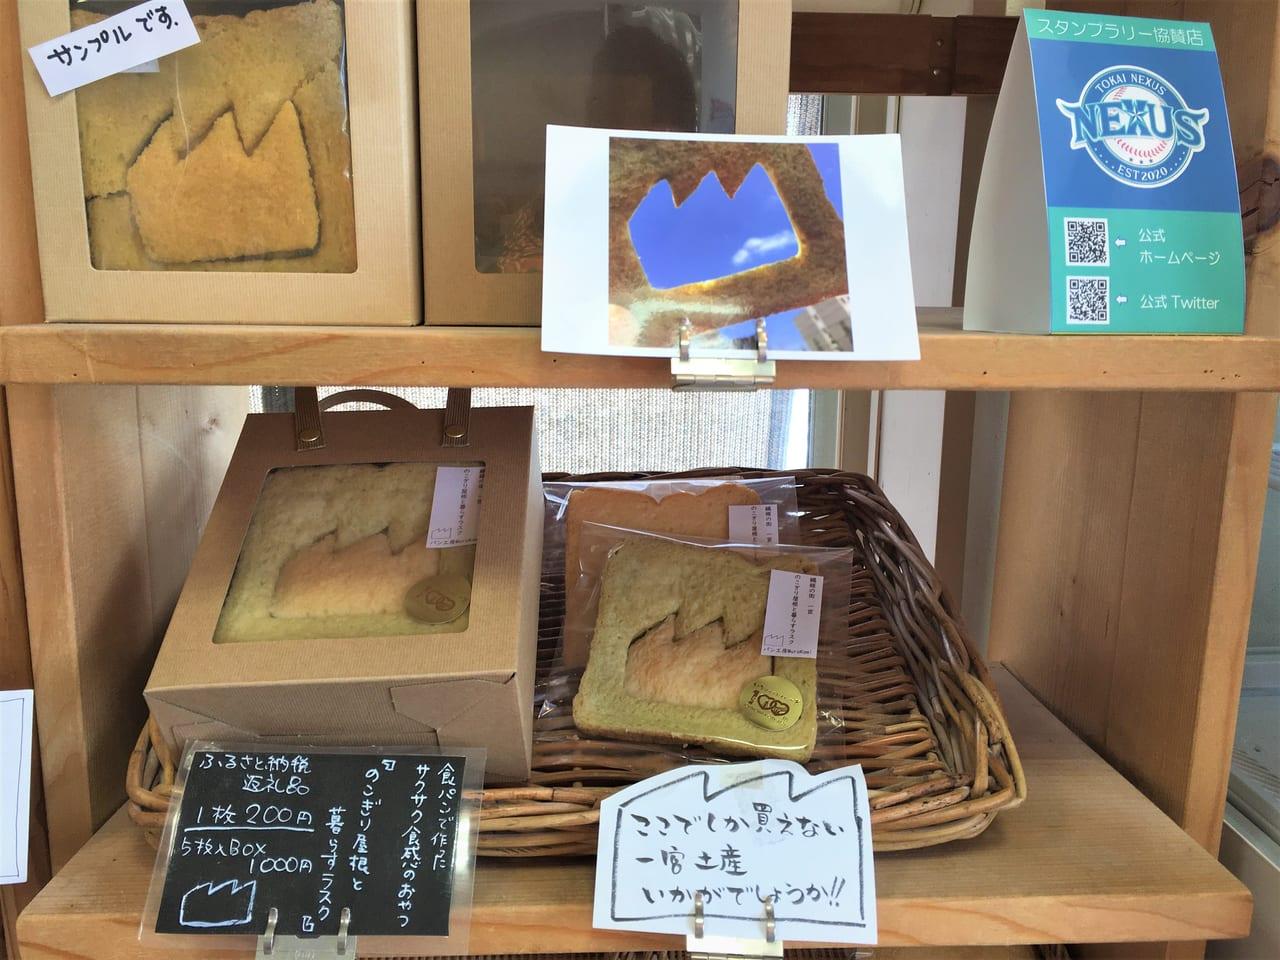 パン工房 MURAKAMI のこぎり屋根ラスク